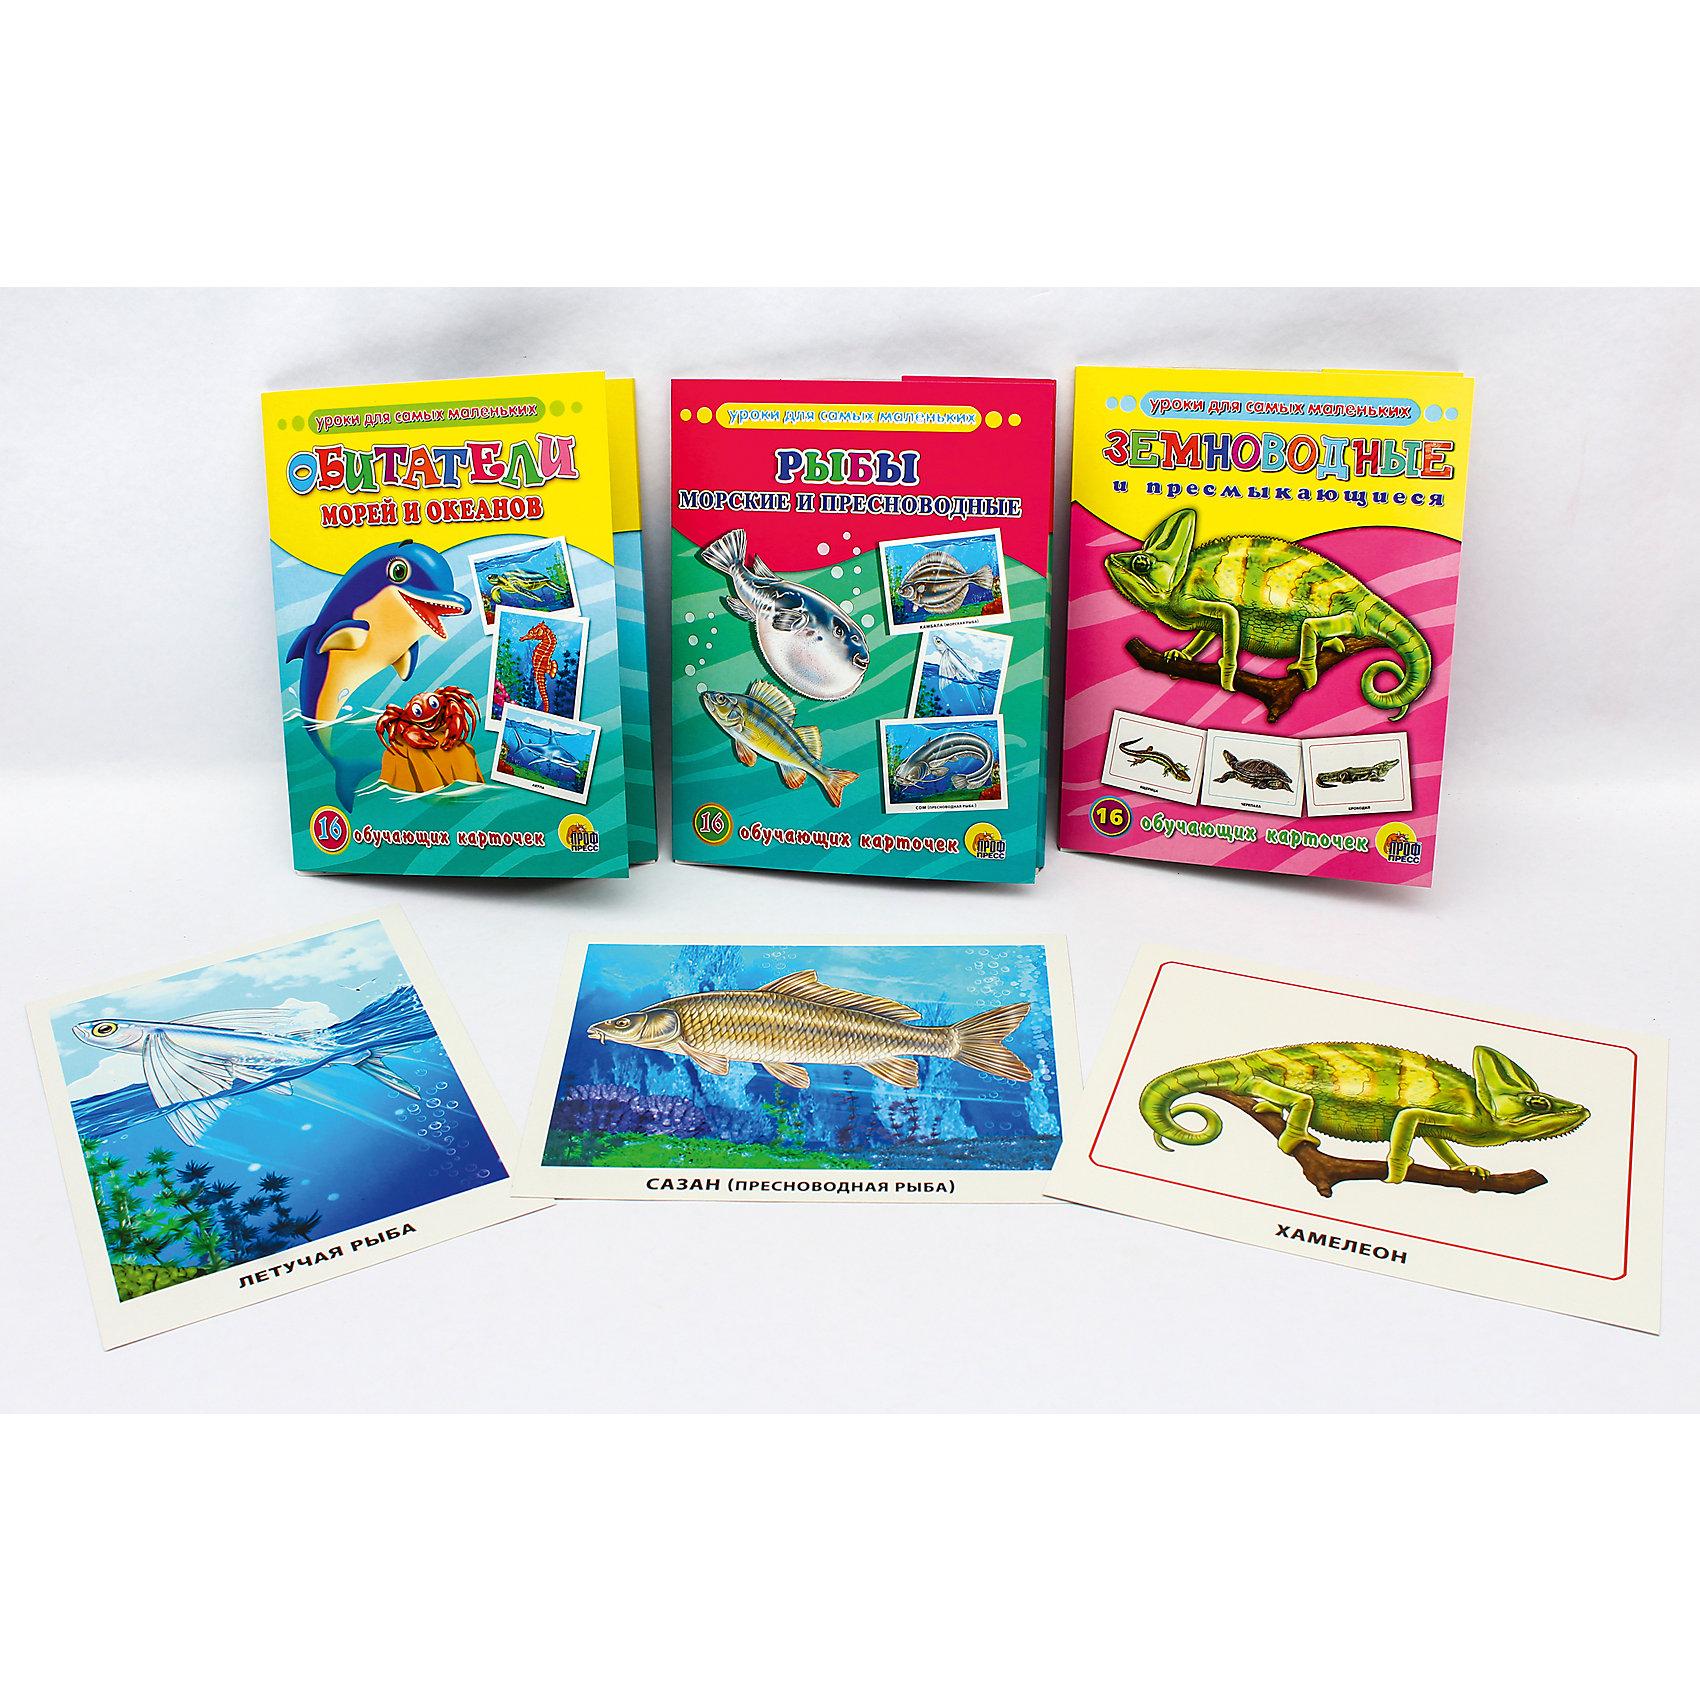 Обучающие карточки серии «Уроки для самых маленьких»Обучающие карточки<br>Обучающие карточки серии «Уроки для самых маленьких» помогут ребёнку узнать много интересного об окружающем мире, его богатстве и многообразии. Каждый набор включает 16 карточек и посвящён определённой тематике. Благодаря данному набору ребёнок в познавательной и в то же время игровой форме узнает, как безопасно вести себя дома и на улице, как правильно поступать в той или иной ситуации, а также познакомится с телефонными номерами экстренных служб. Работа с карточками станет для малыша не только увлекательным занятием, но и начальным этапом подготовки к дальнейшему обучению в школе.<br><br>Ширина мм: 170<br>Глубина мм: 220<br>Высота мм: 18<br>Вес г: 491<br>Возраст от месяцев: 12<br>Возраст до месяцев: 36<br>Пол: Унисекс<br>Возраст: Детский<br>SKU: 6990131